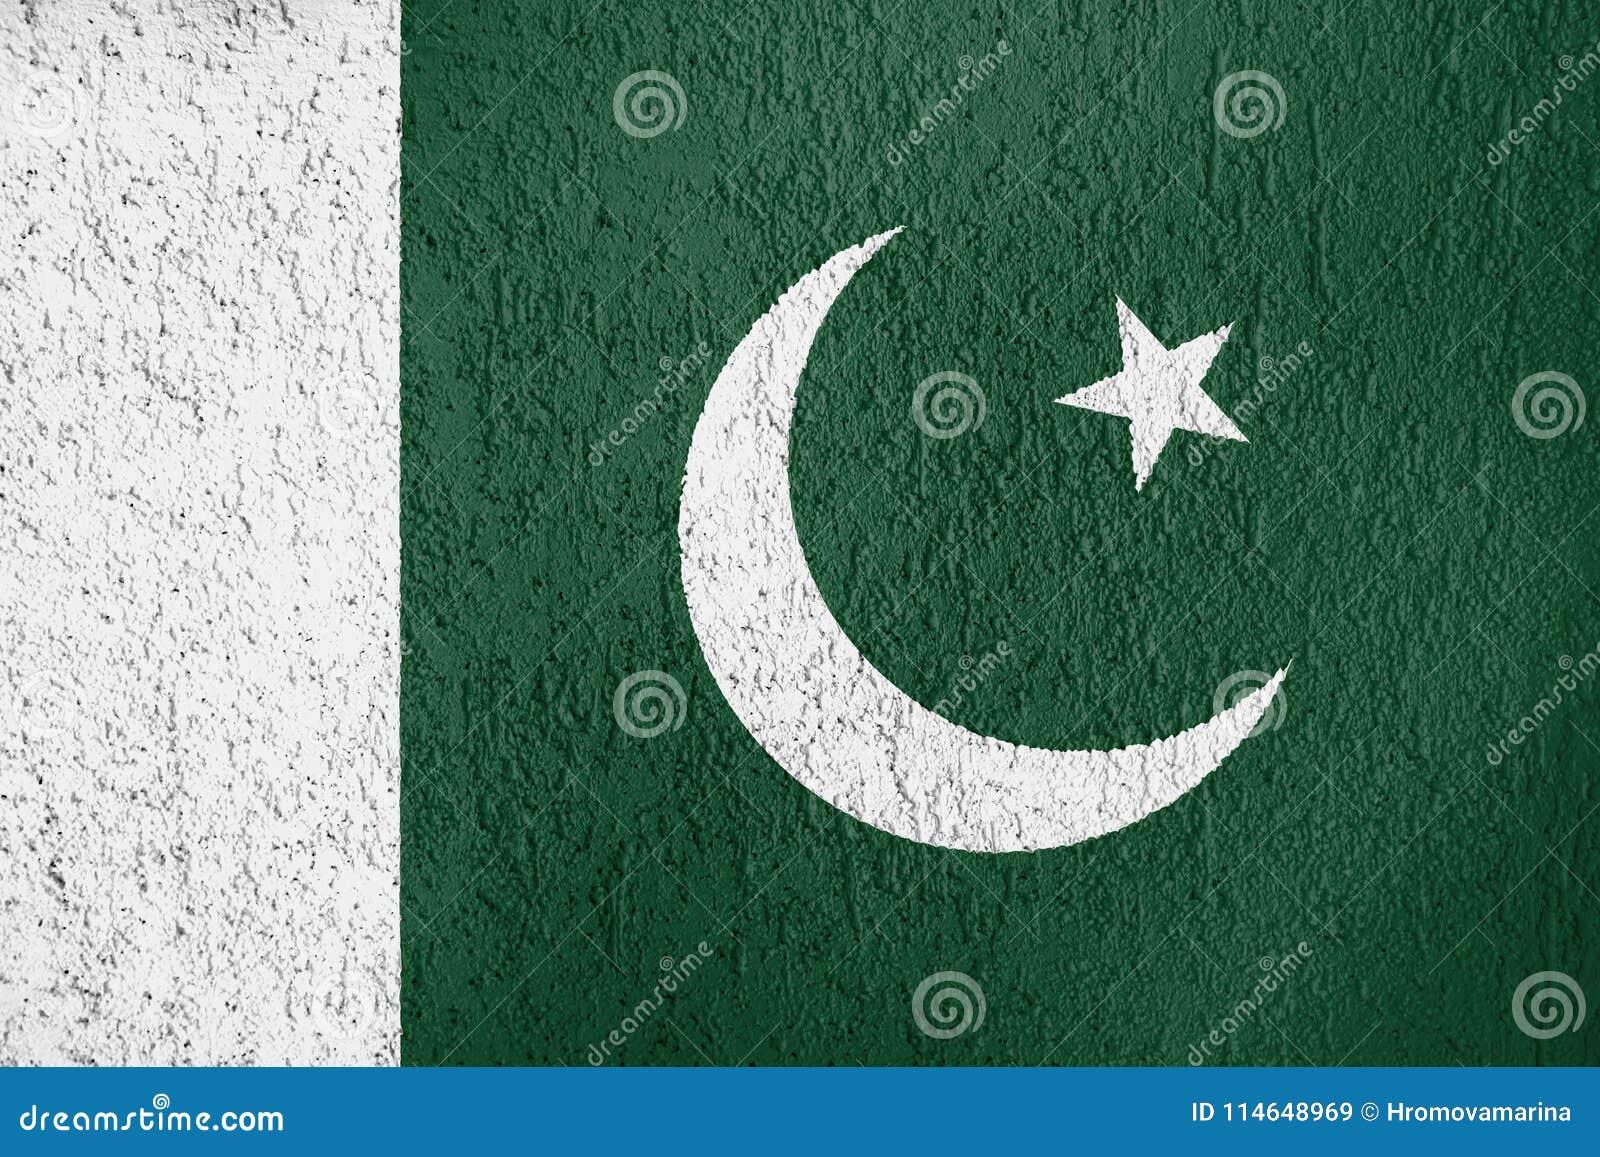 Textura de la bandera de Paquistán